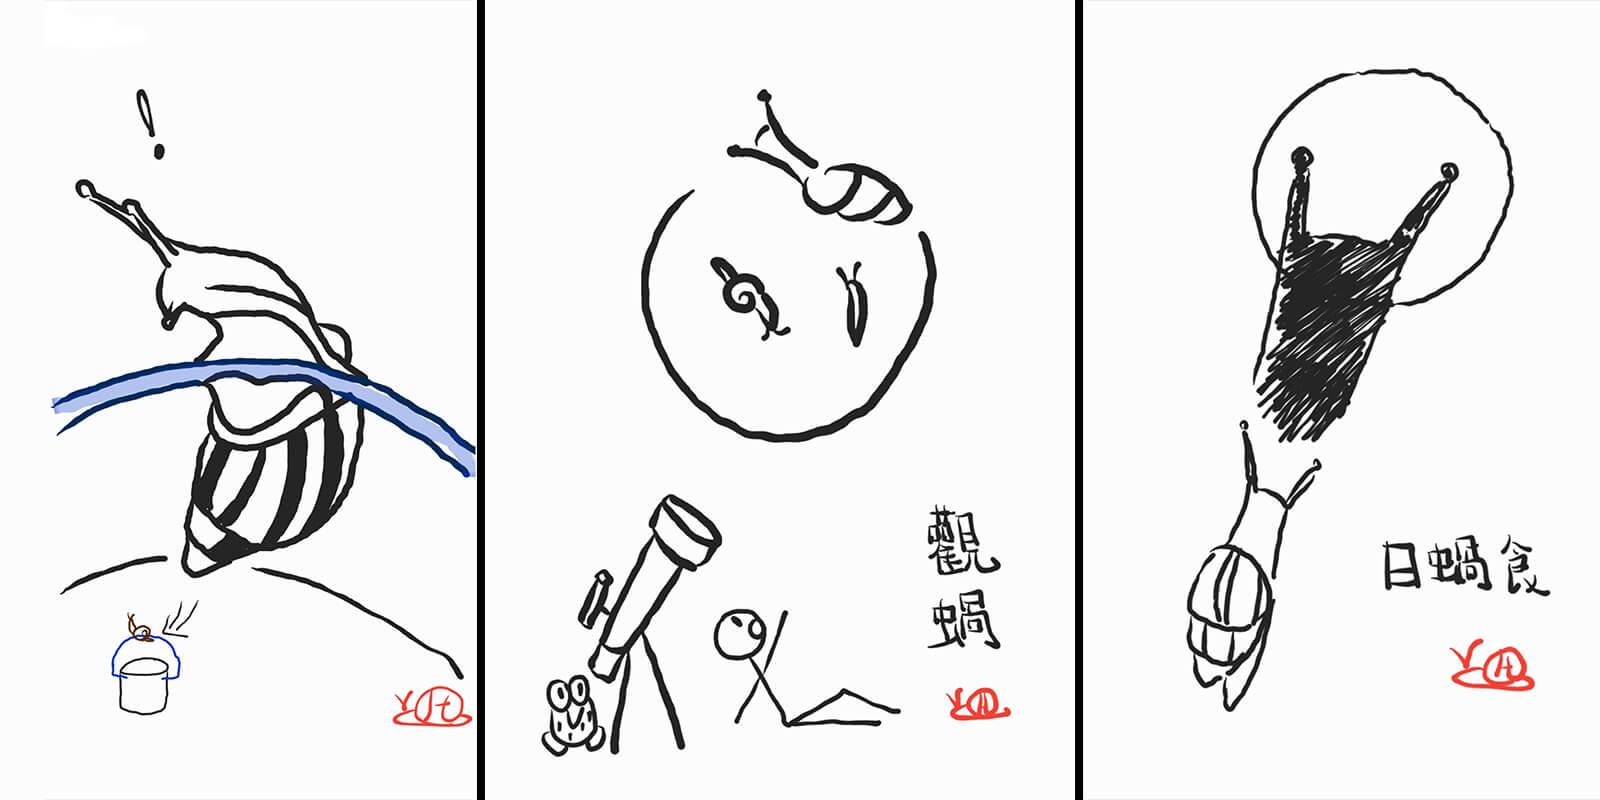 馬學綸繪畫的蝸牛圖